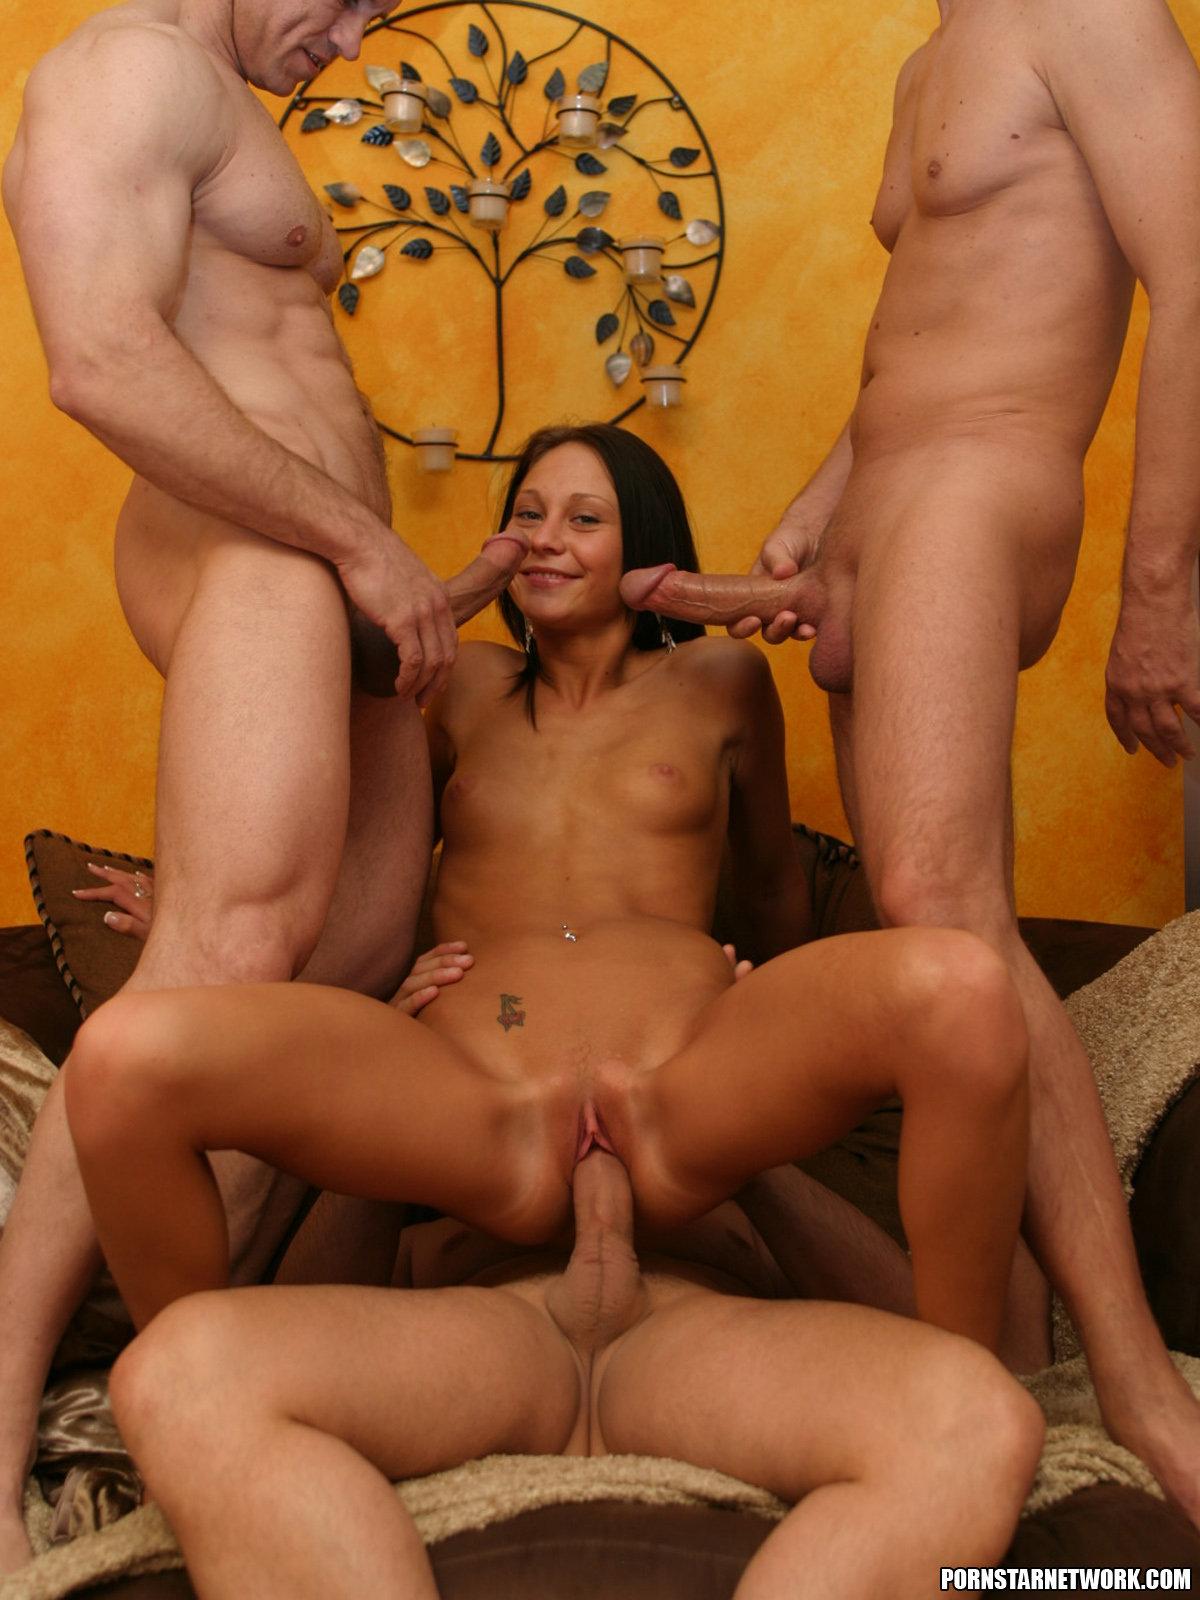 три парня и одна девушка порно смотреть онлайн глаза